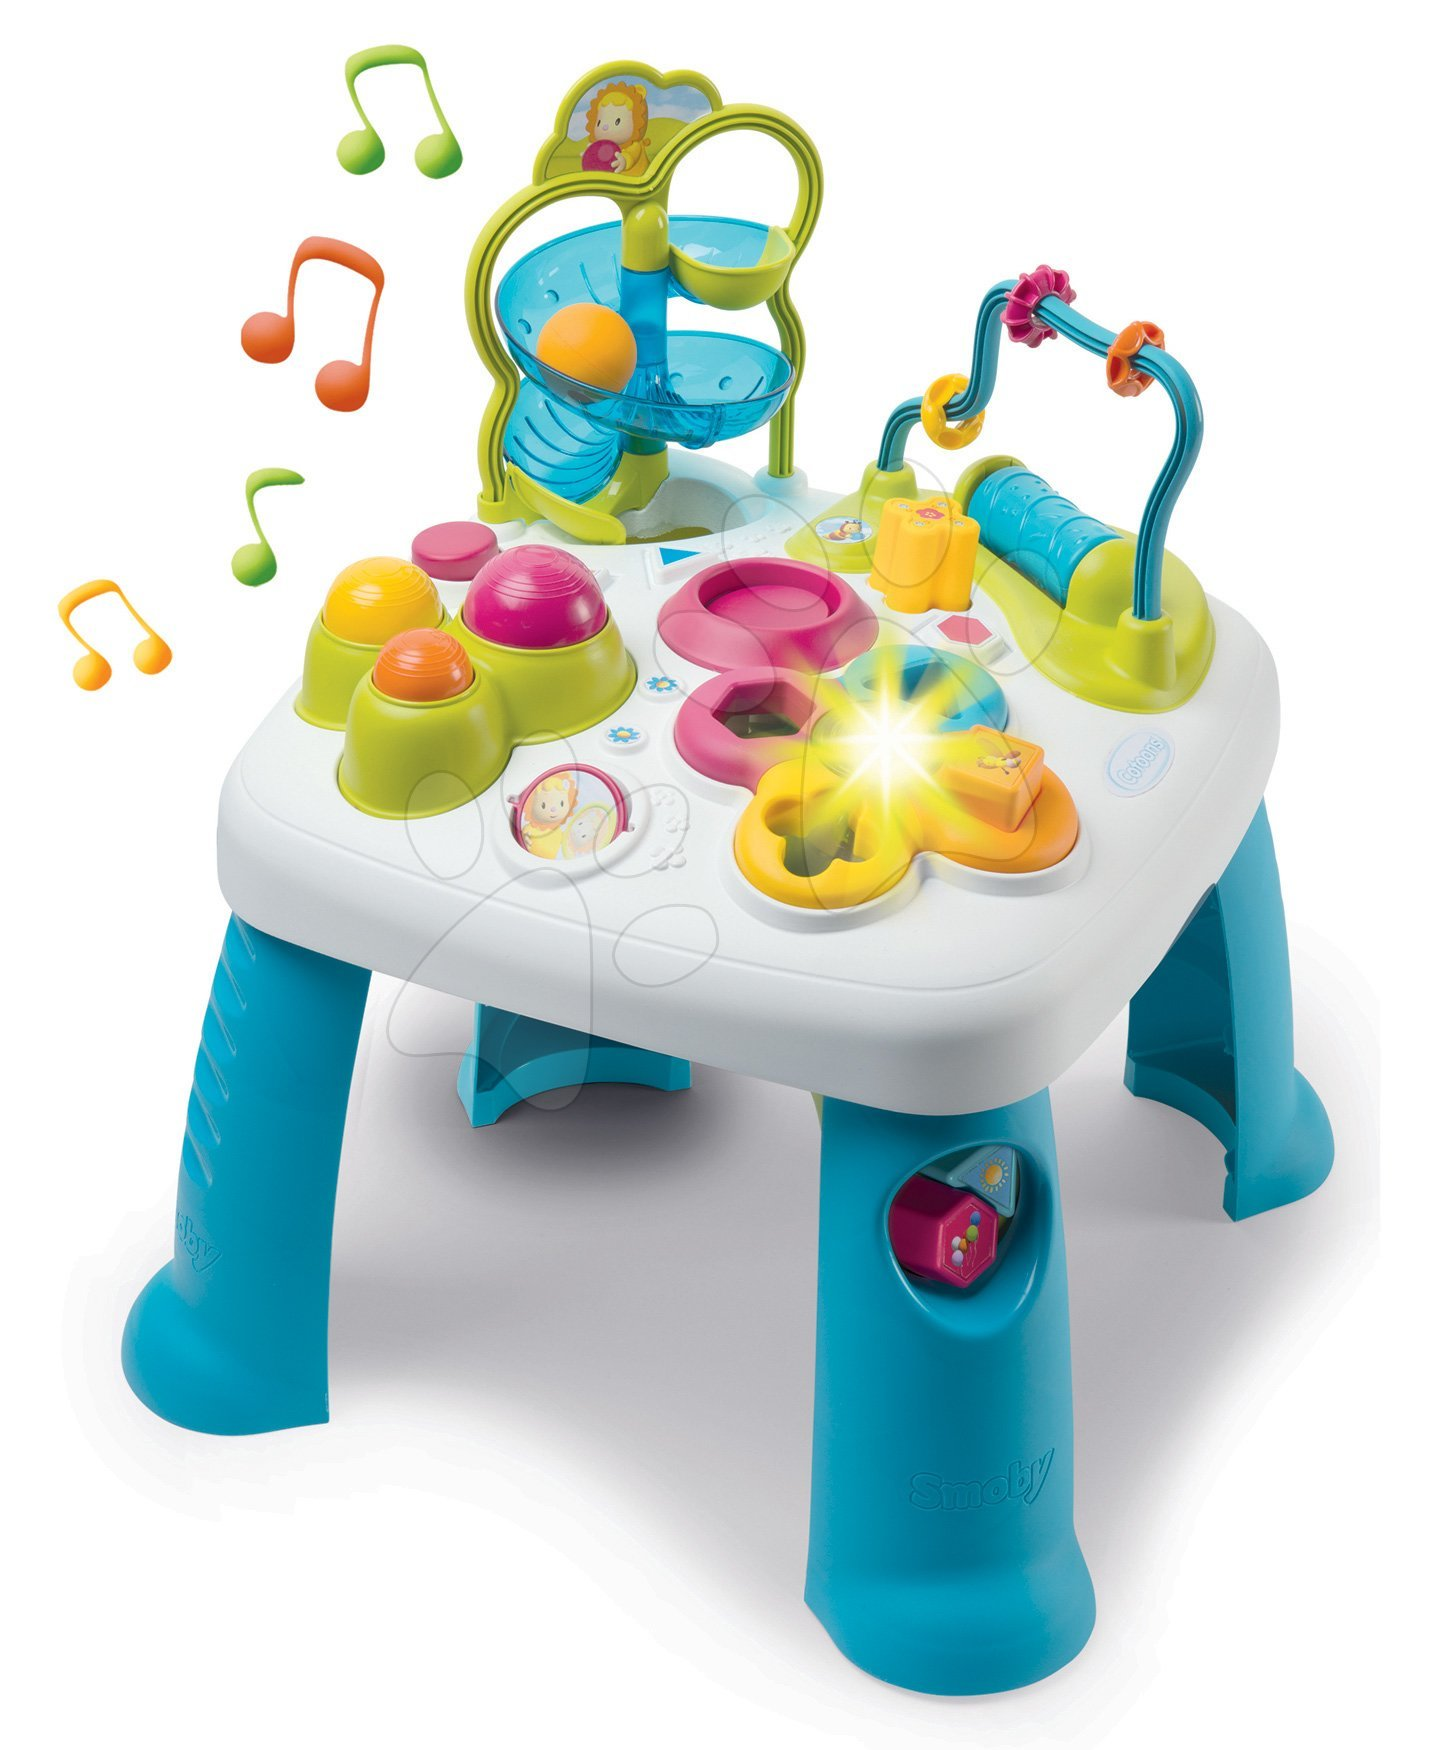 Készségfejlesztő asztalka Activity Table Cotoons Smoby hanggal, fénnyel és rengeteg funkcióval 12 hó-tól